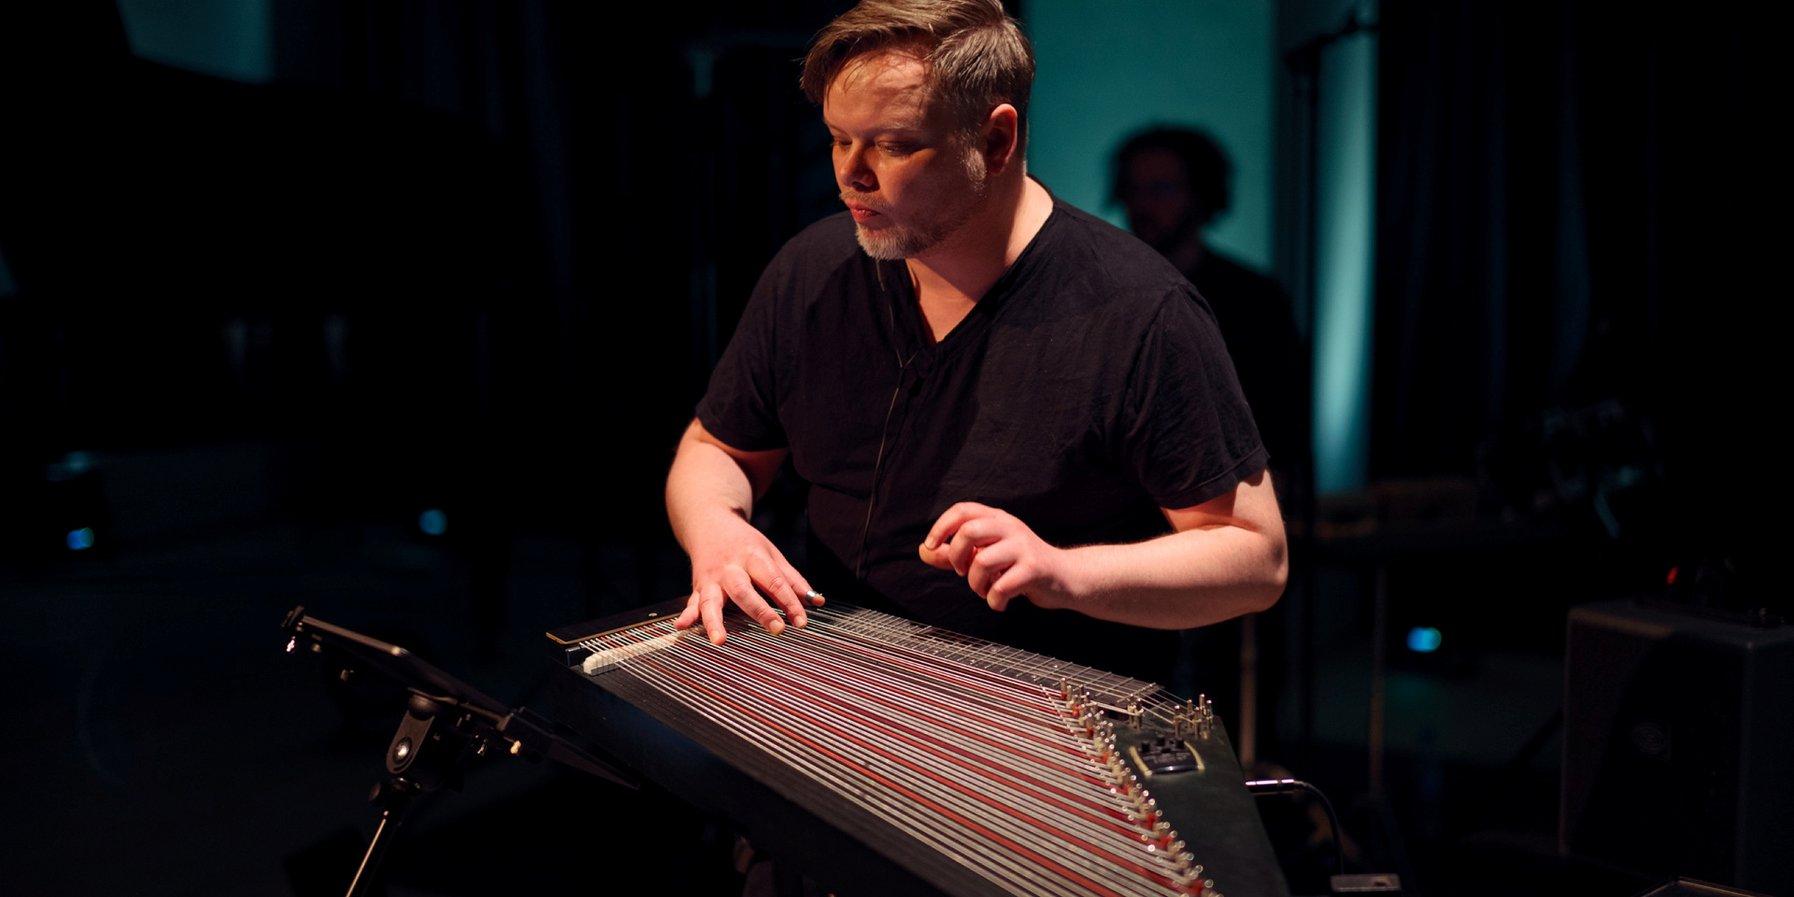 Komponist und Zither-Spieler Leopold Hurt